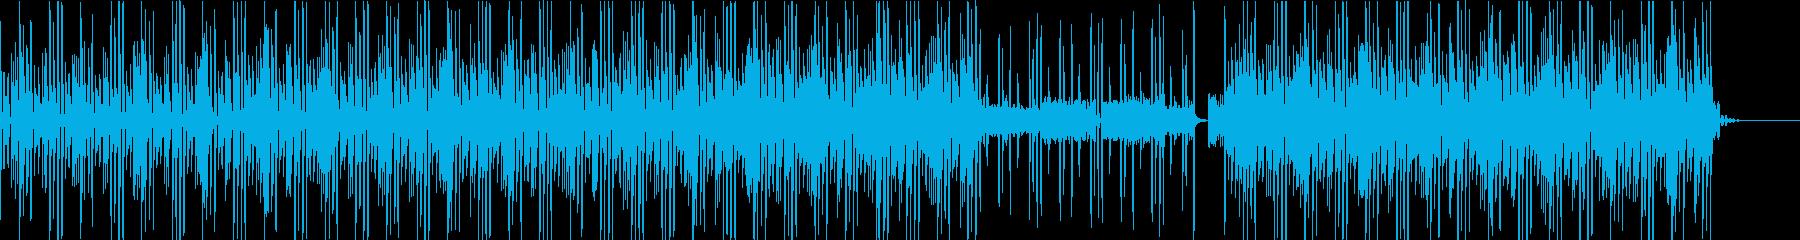 日常・平凡・平常シーンに使える打ち込み曲の再生済みの波形